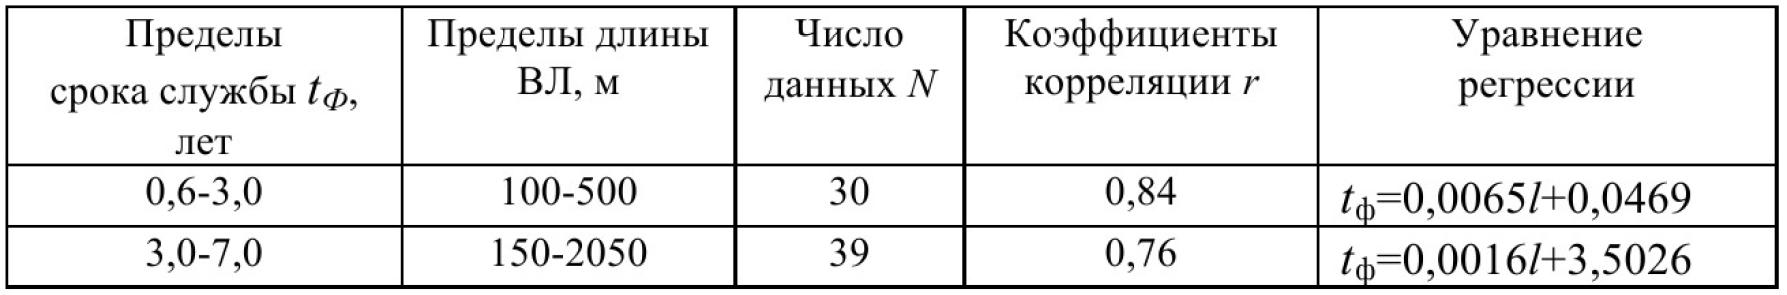 Оценка влияния факторов горного производства на срок службы электрических сетей угольных разрезов Кузбасса 10